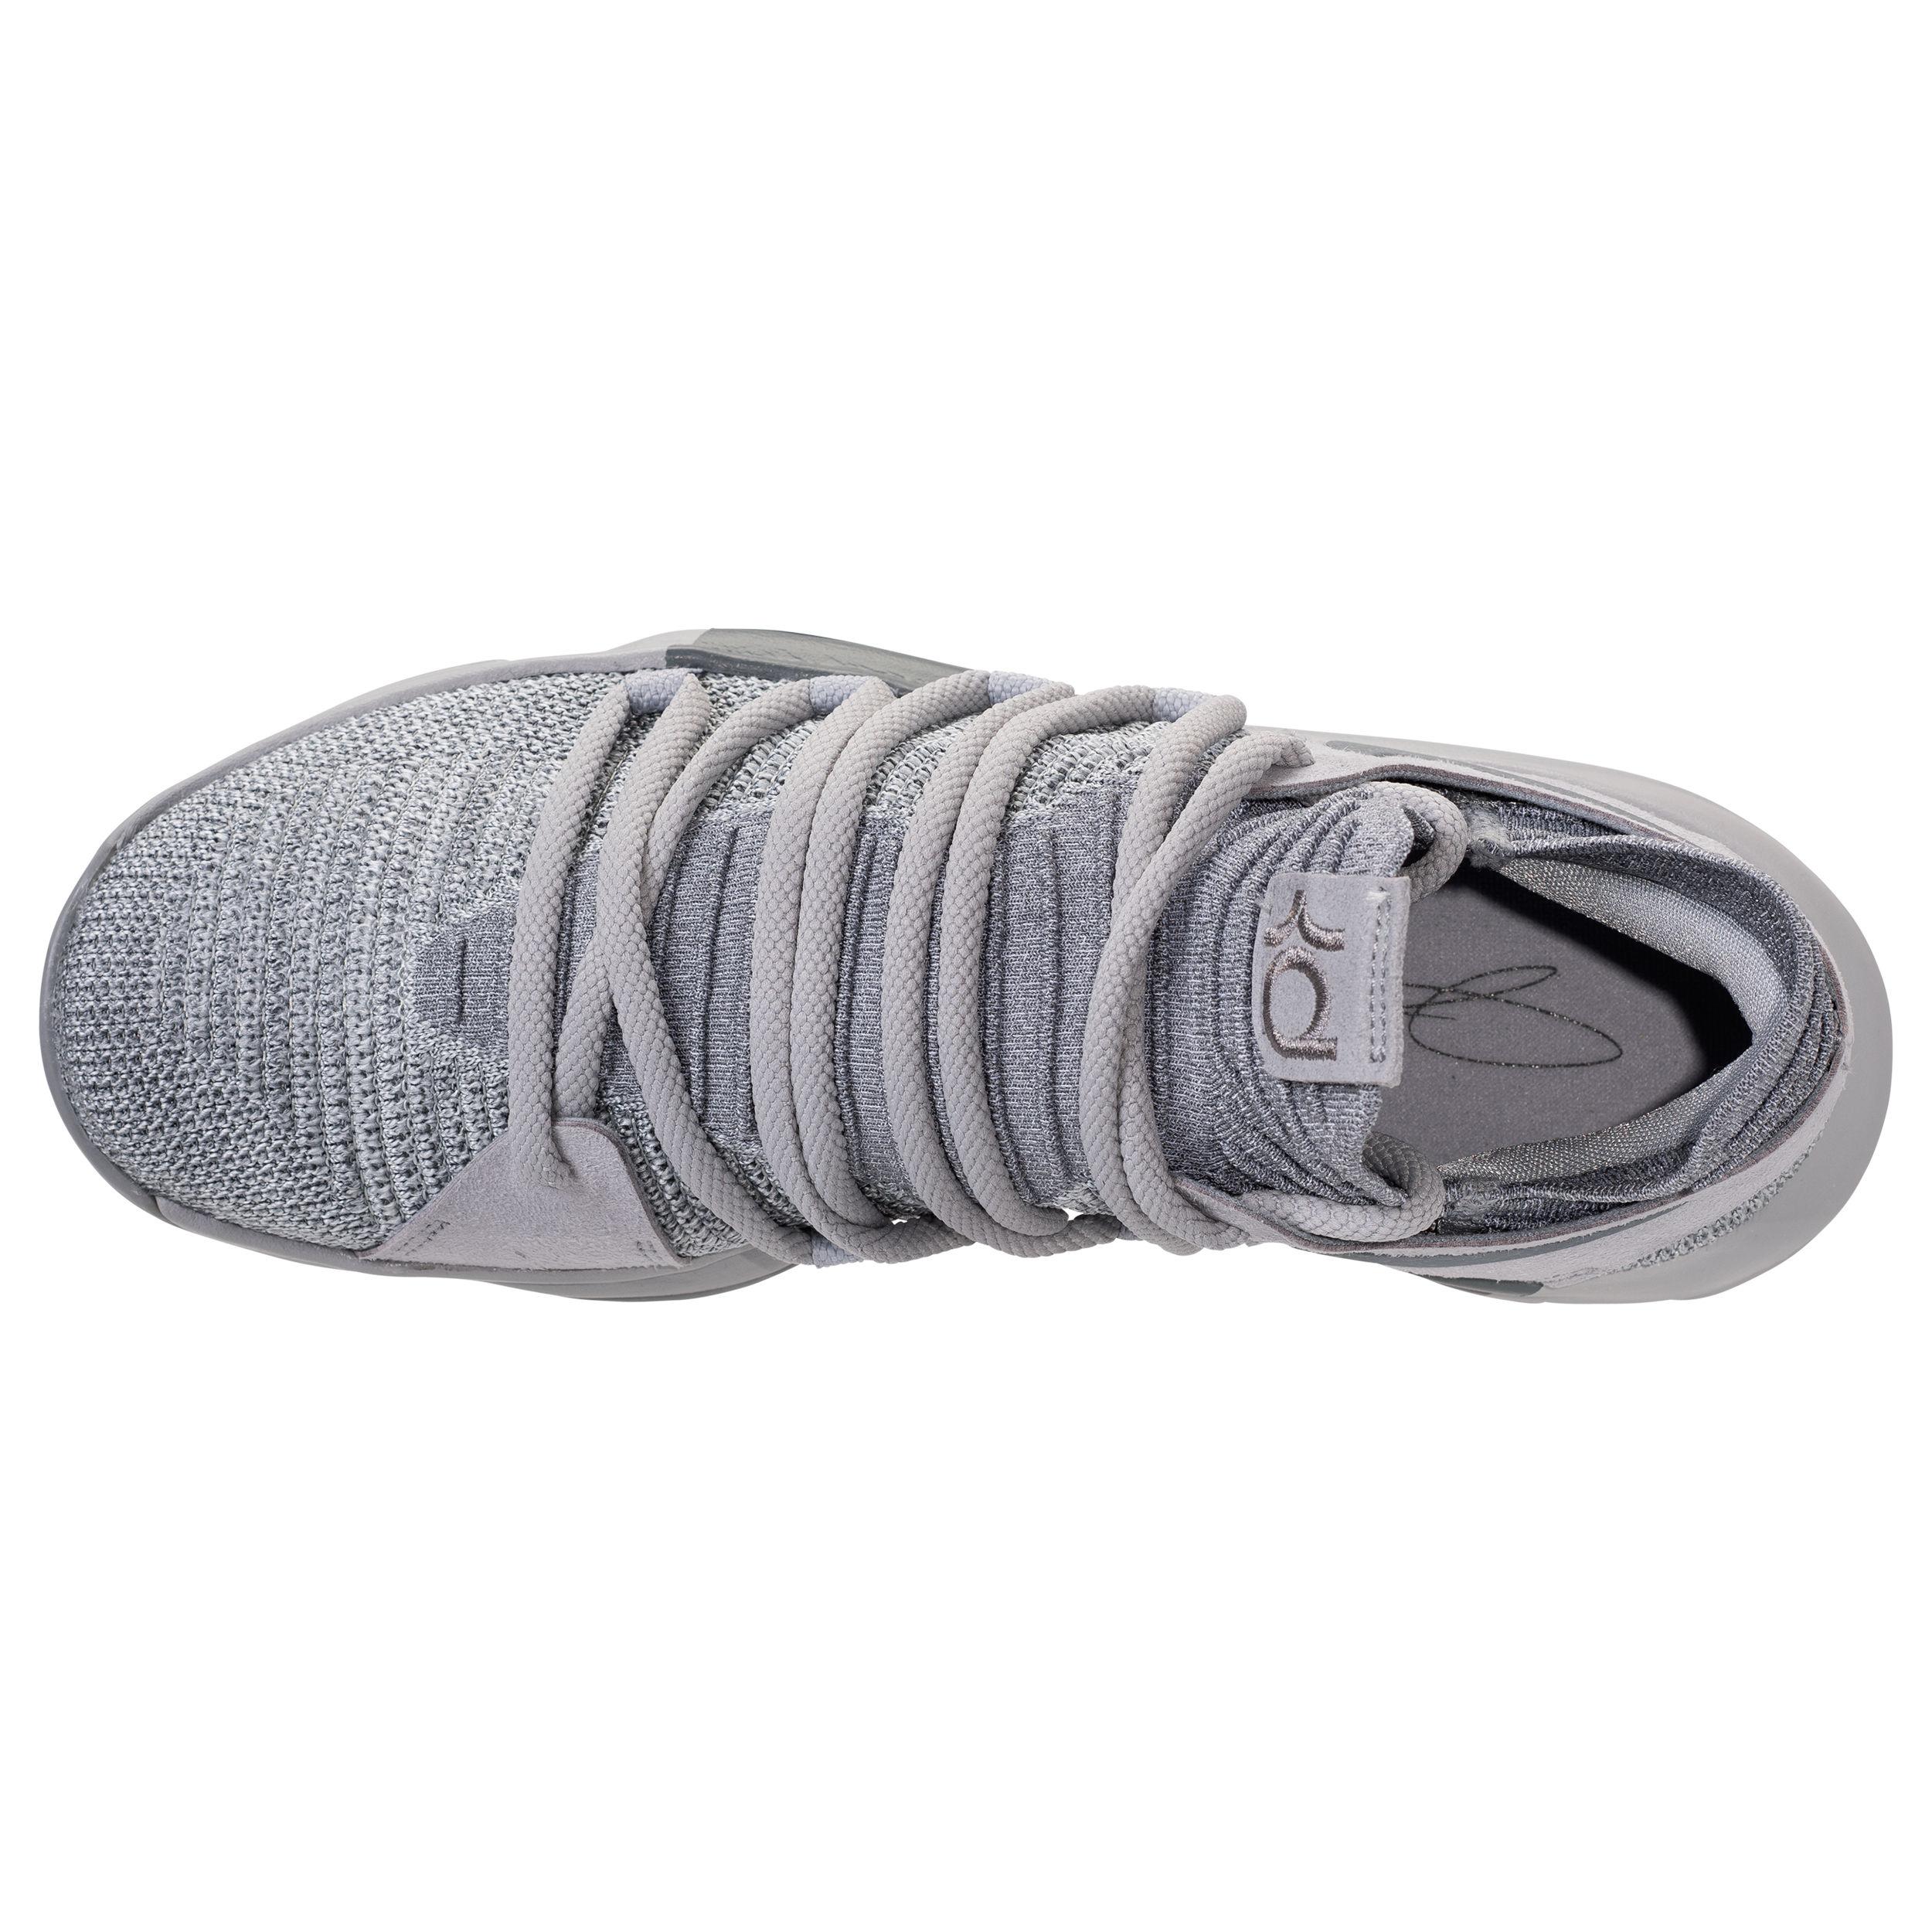 best sneakers 04948 1524f nike kd 10 wolf grey 4